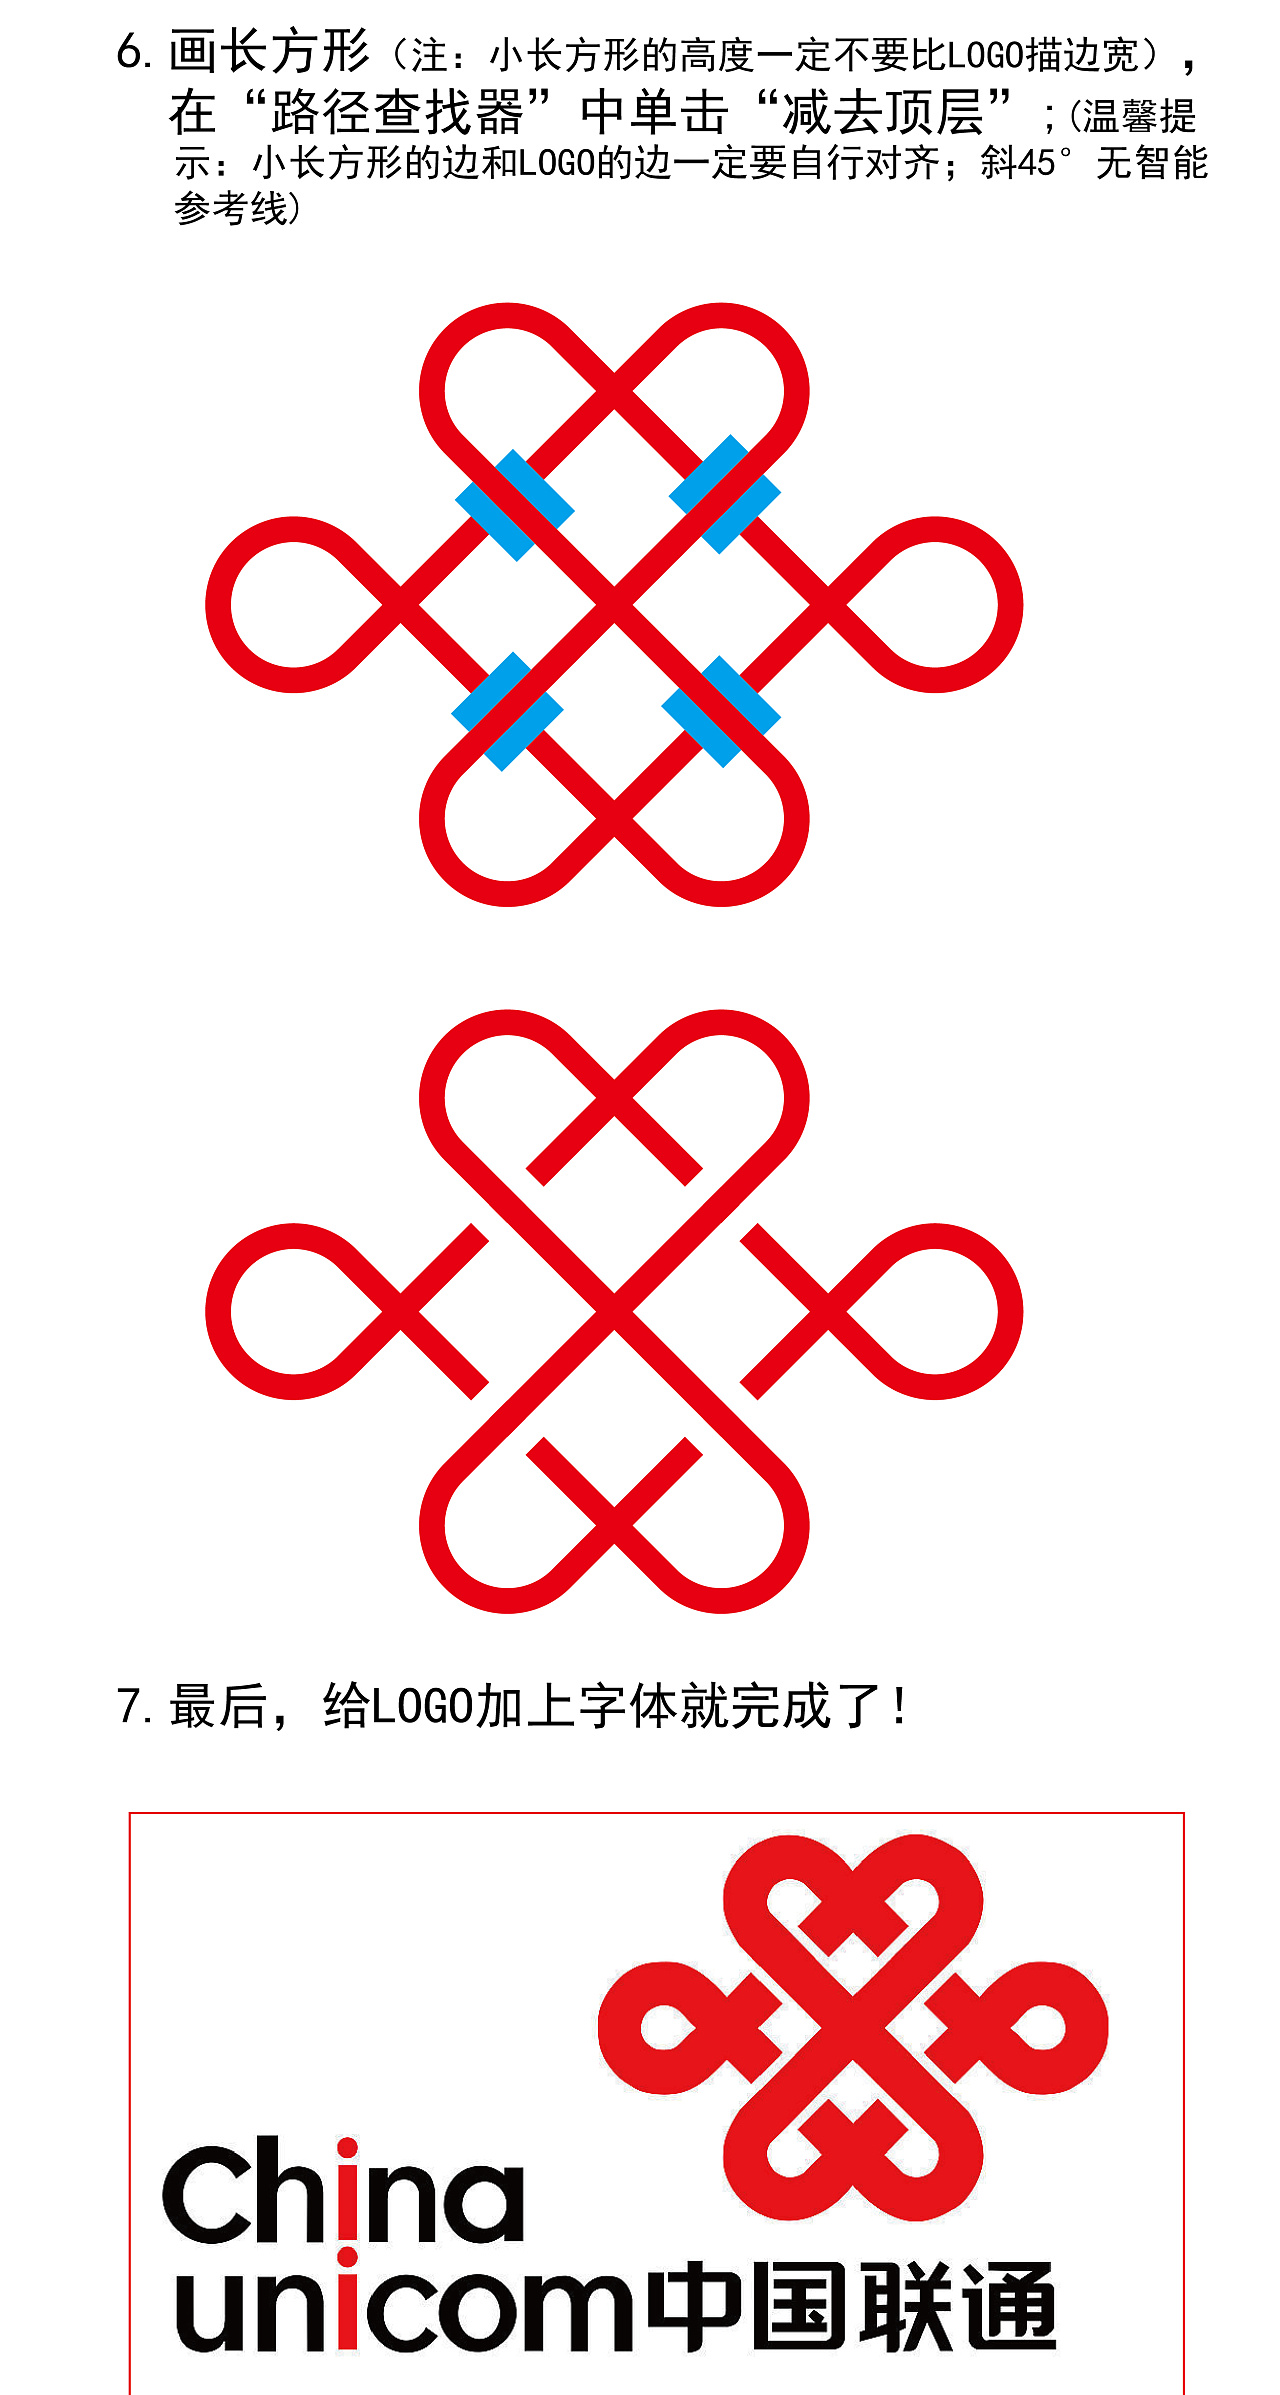 中国网通logo_中国联通LOGO制作|平面|标志|James1998 - 原创作品 - 站酷 (ZCOOL)